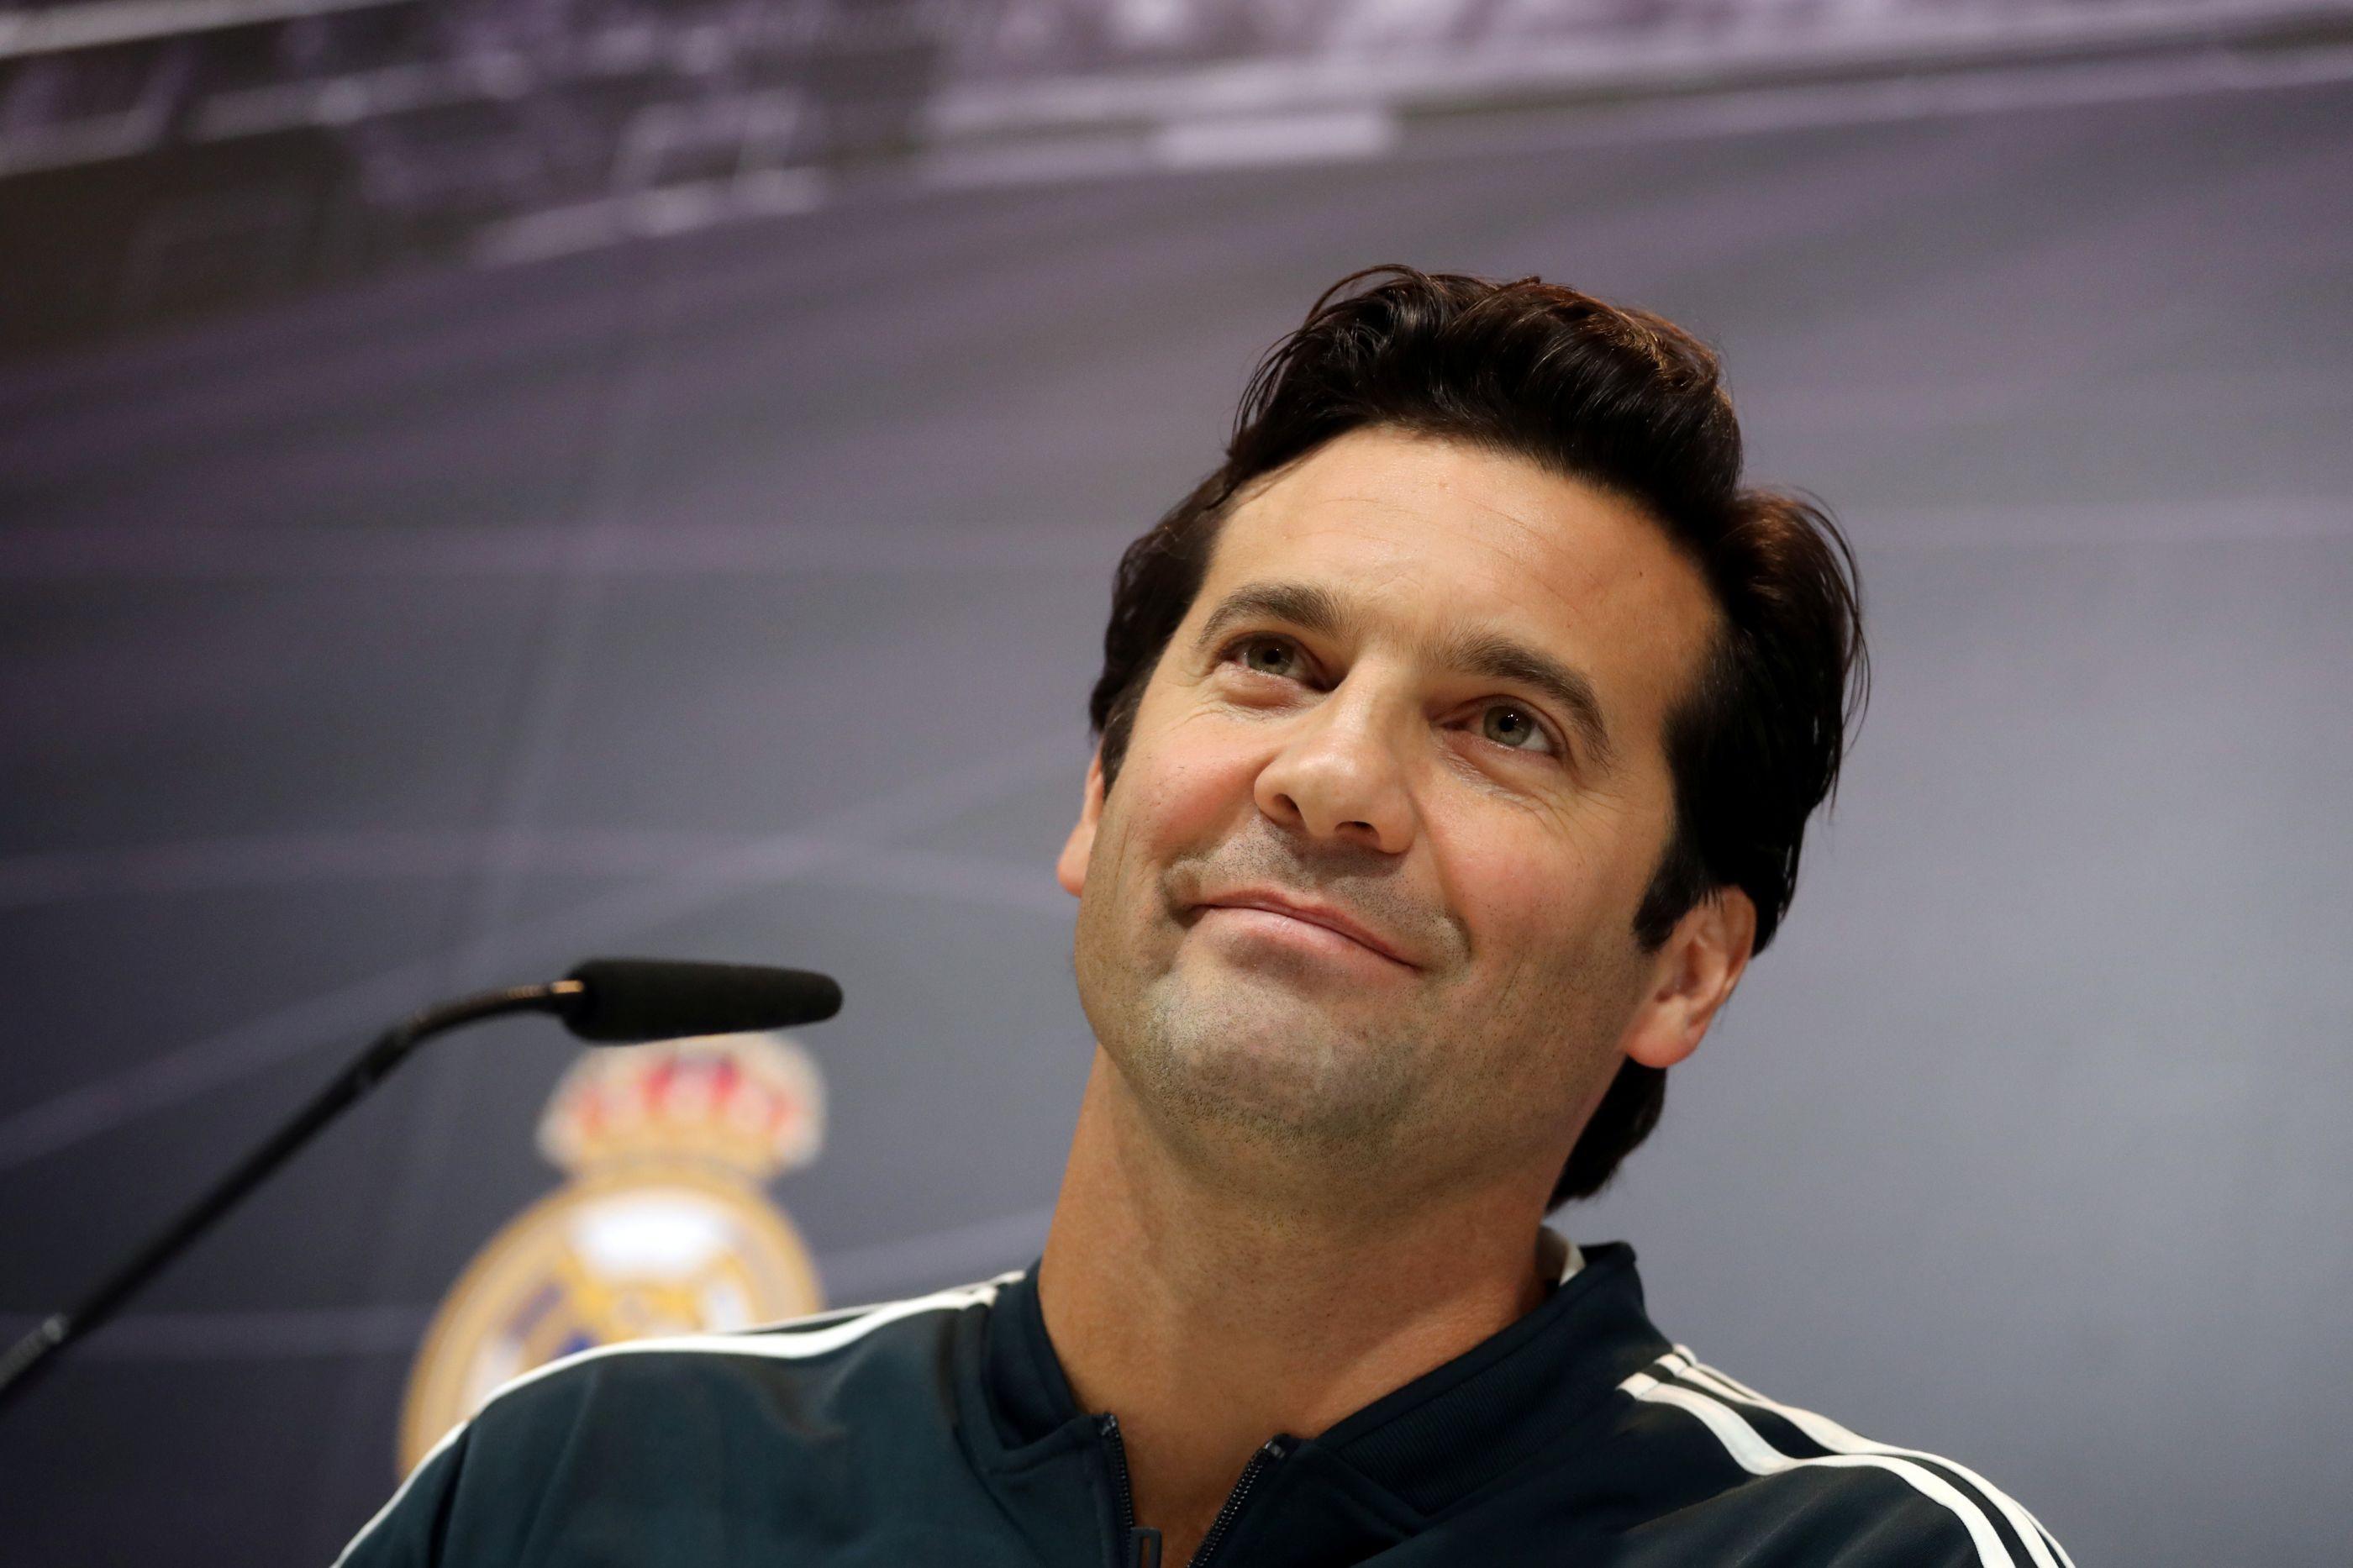 Oficial: Solari já não é treinador interino do Real Madrid